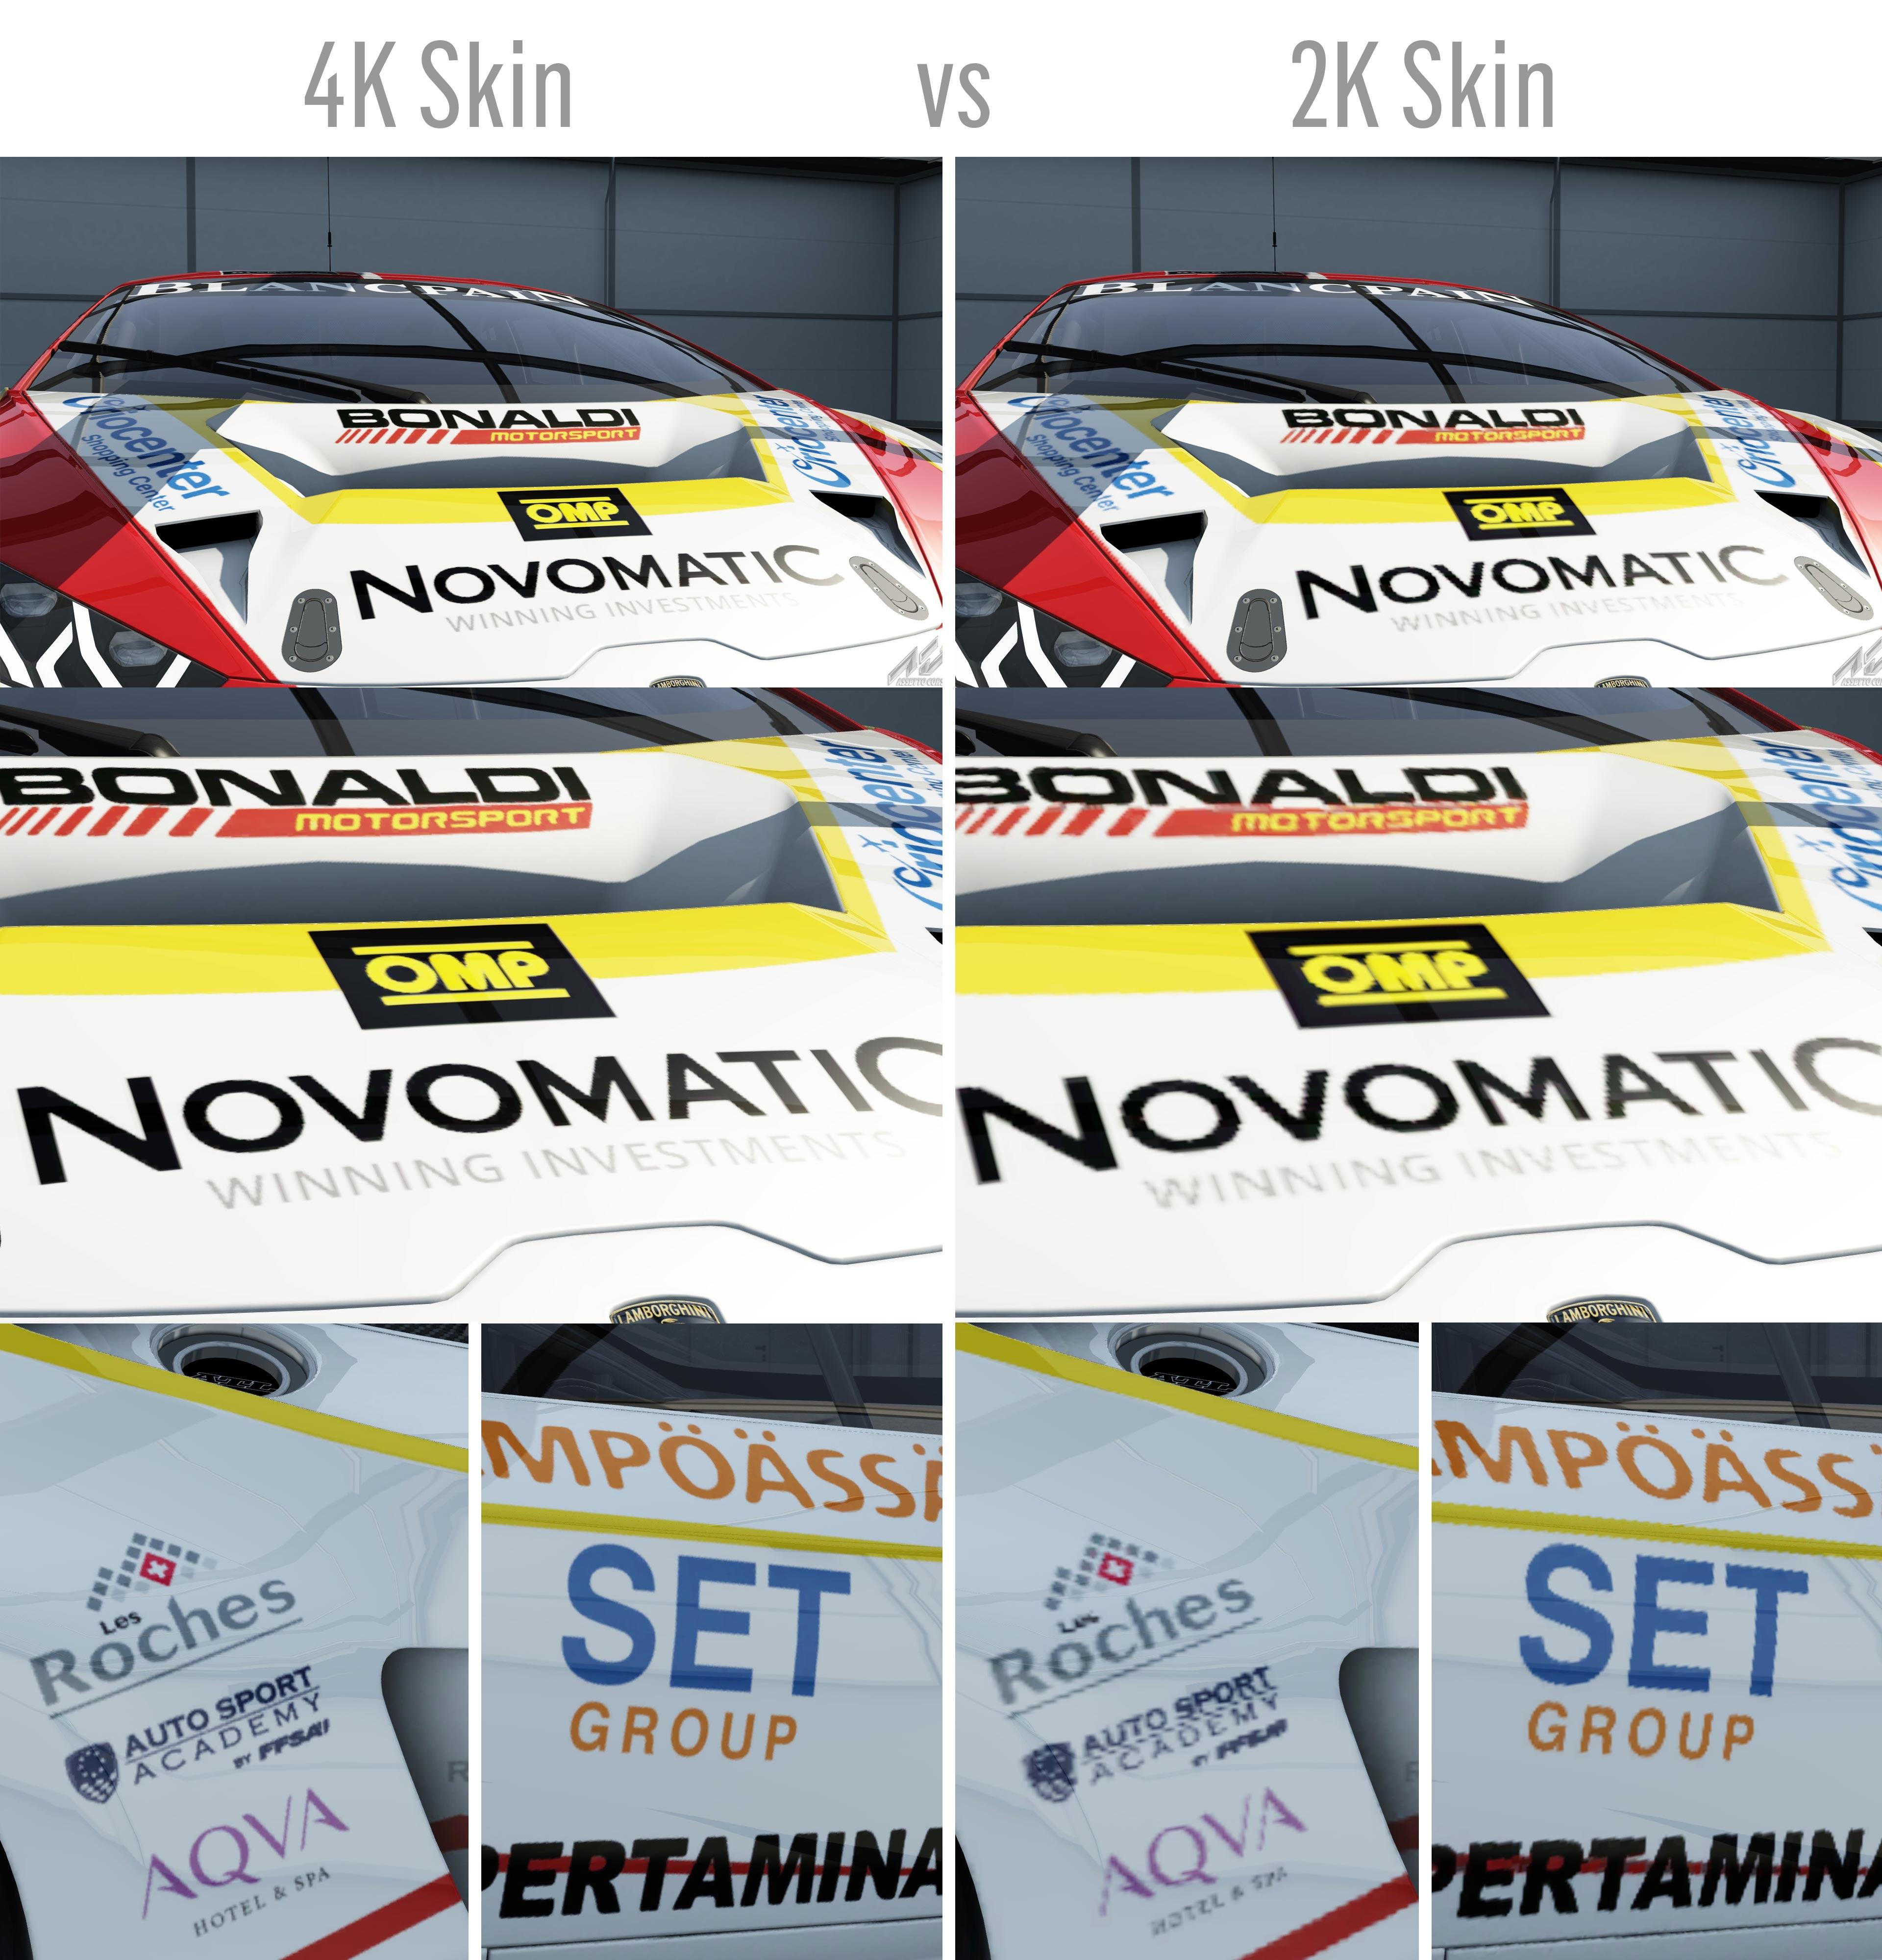 Showroom_4kVS2K.jpg